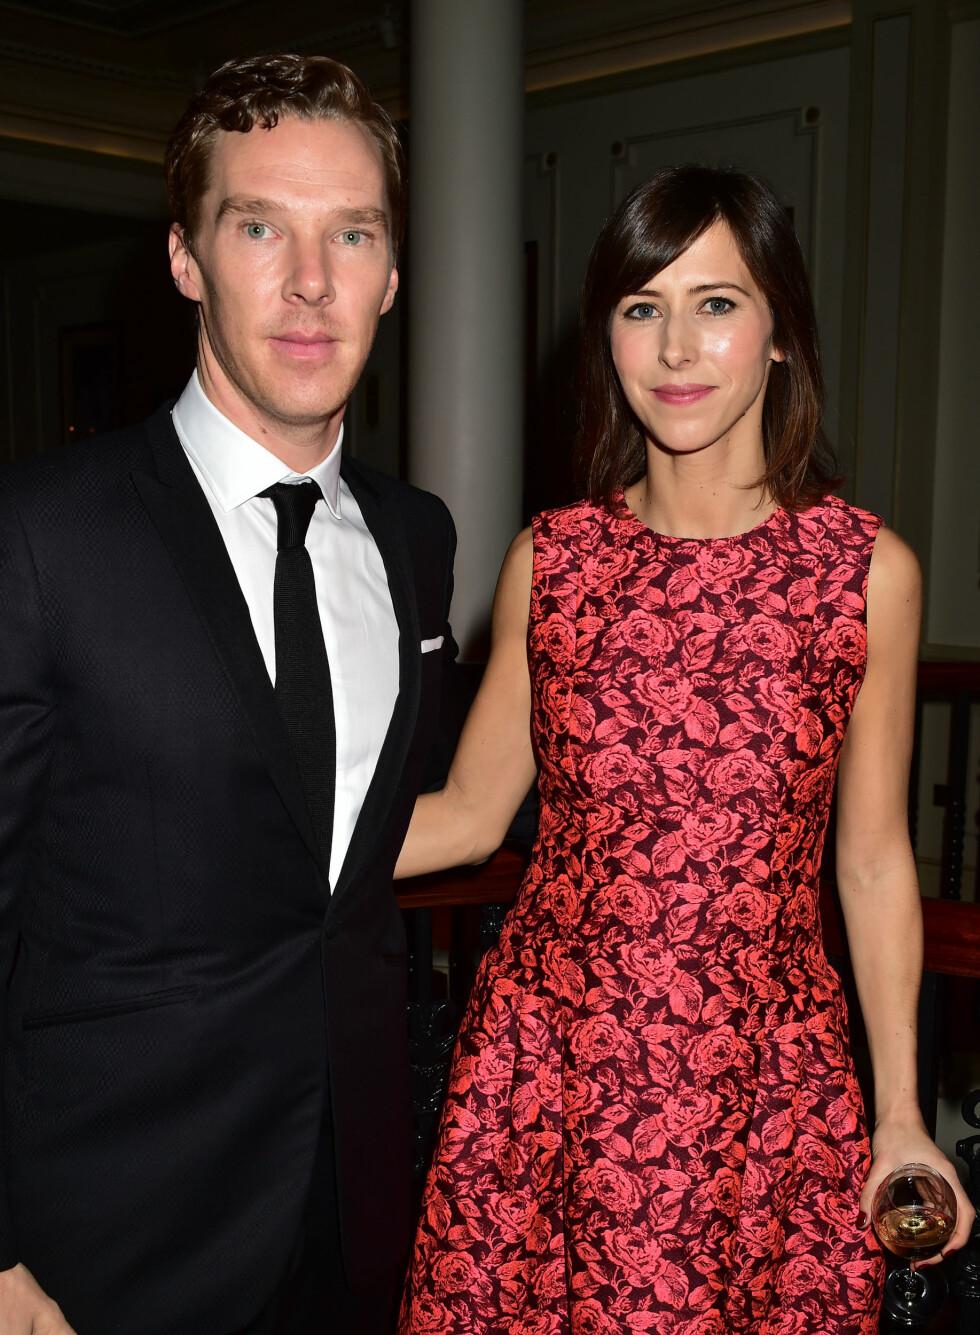 VISTE FREM FORLOVEDEN: «Sherlock»-stjernen Benedict Cumberbatch er kjent for å holde en lav profil rundt sitt privatliv, men hadde med seg forloveden Sophie Hunter på den røde løperen. Foto: Stella Pictures